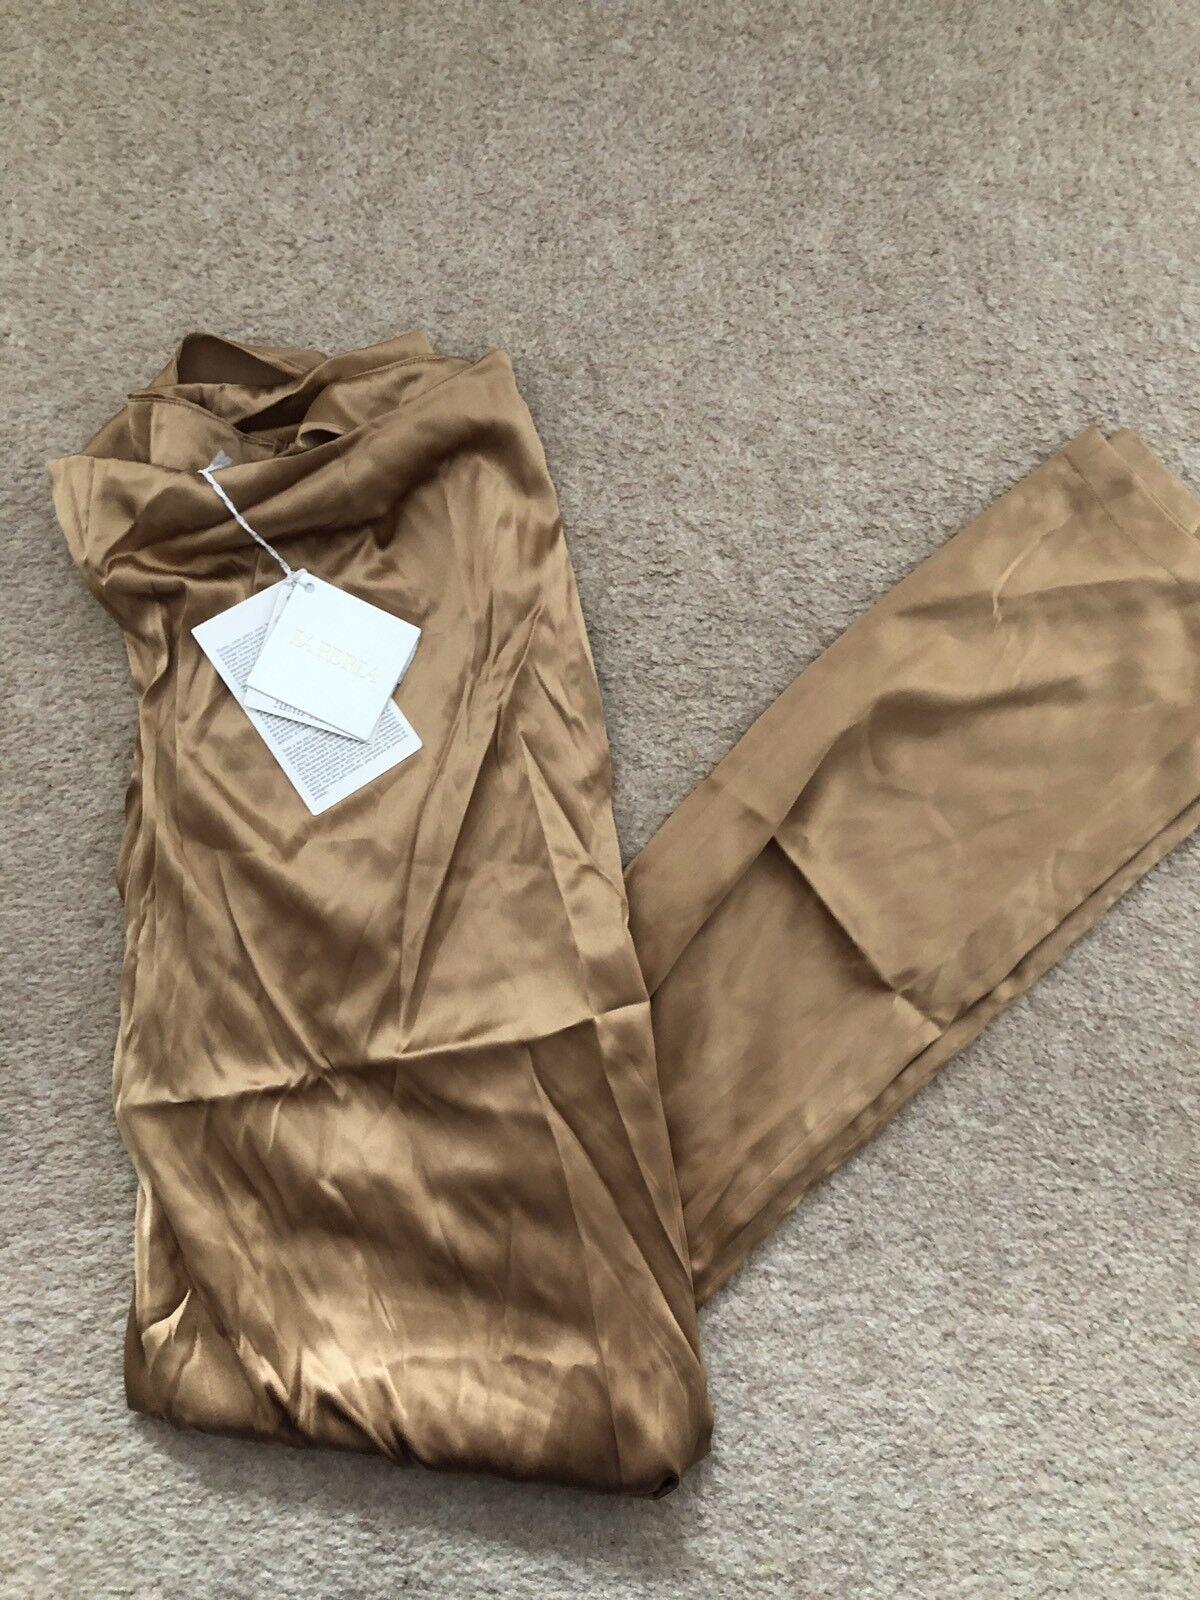 damen's La Perla Trousers , Capuccino Colour, Größe 46, Brand New With Tags